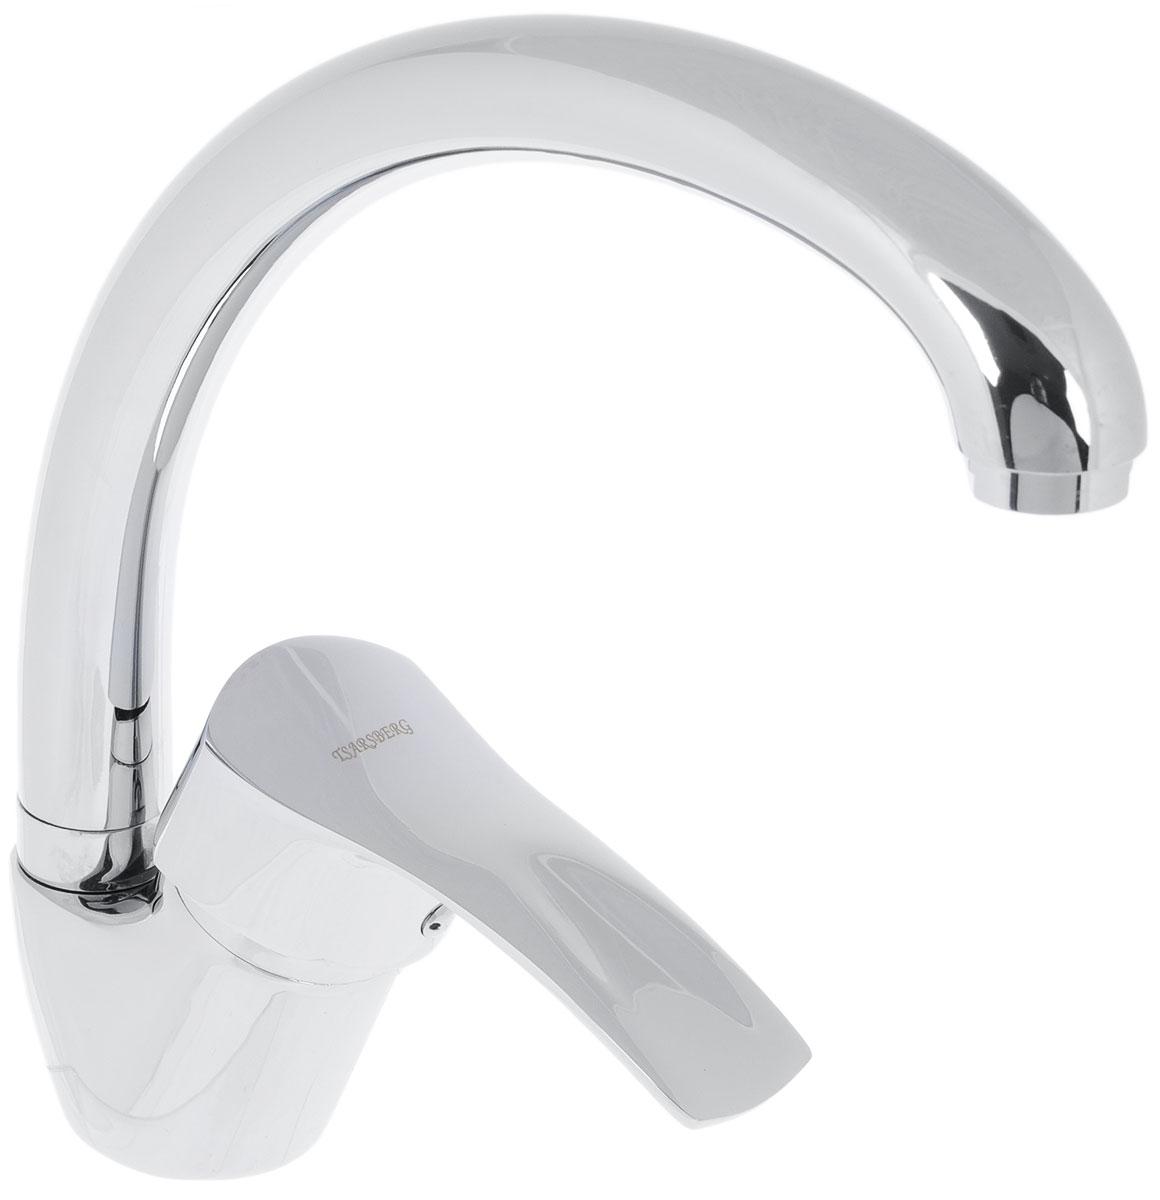 Смеситель для кухни Tsarsberg, с поворотным изливом. ИС.240029ИС.240029Смеситель для ванны Fauzt изготовлен из высококачественного силумина. Инновационныетехнологии литья и обработки силумина, а также увеличенная толщина стенок смесителяобеспечивают его стойкость к перепадам давления и температур.Покрытие полностьюсоответствует европейским стандартам качества, обеспечивает его стойкость и зеркальныйблеск в течение всего срока службы изделия.Массажная душевая лейка и шлангизготовлены с шаровым переключением.Смеситель имеет поворотный высокий излив 35 см. Керамический картридж 40 мм.Крепление шпилька.